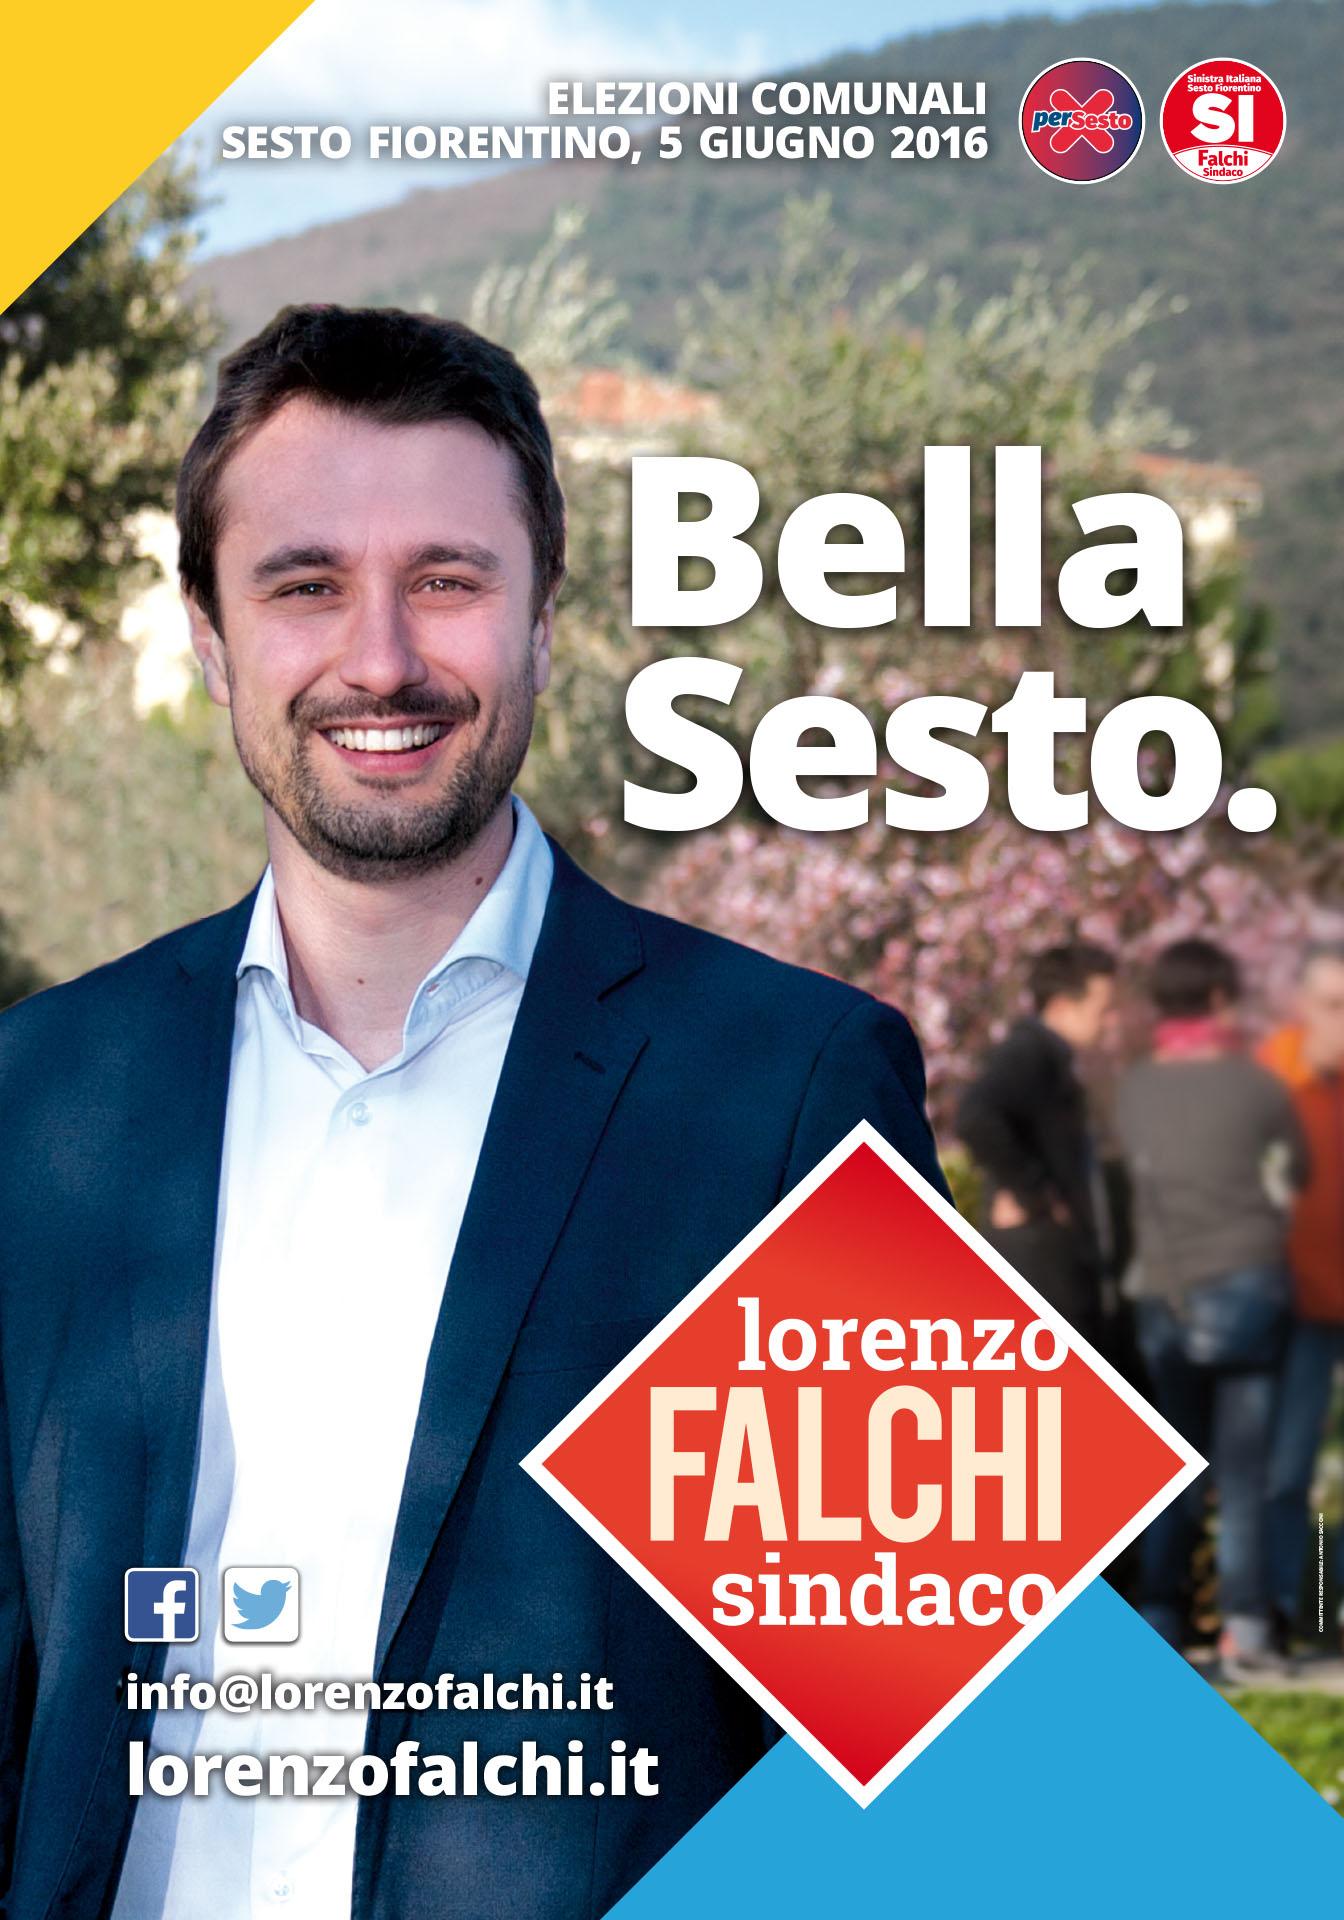 Lorenzo Falchi | Manifesto 70x100 cm